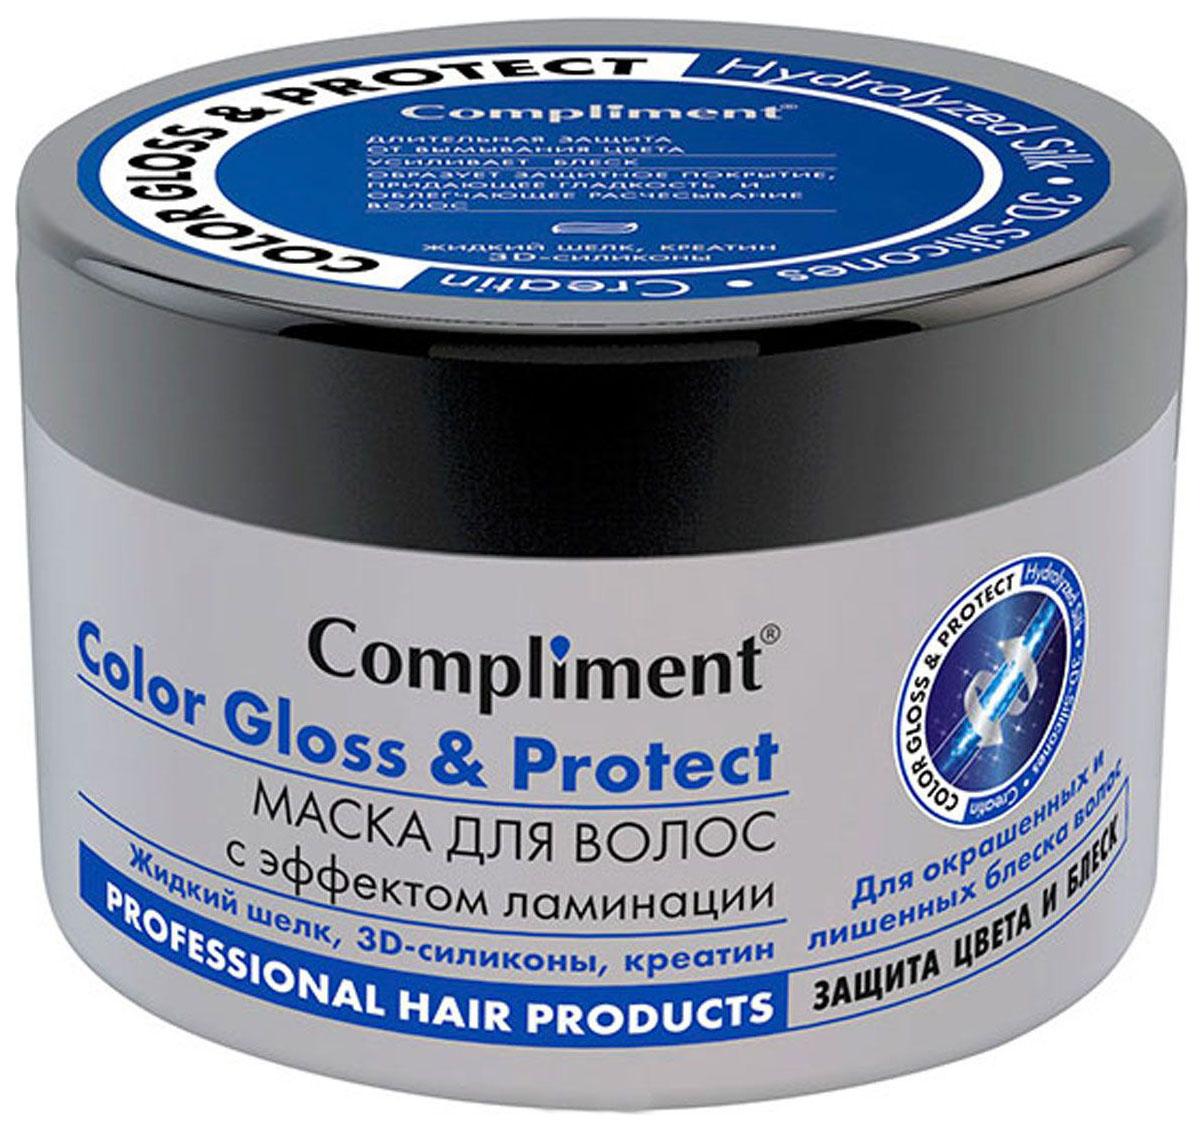 Купить Маска для волос Compliment Color Gloss & Protect 500 мл